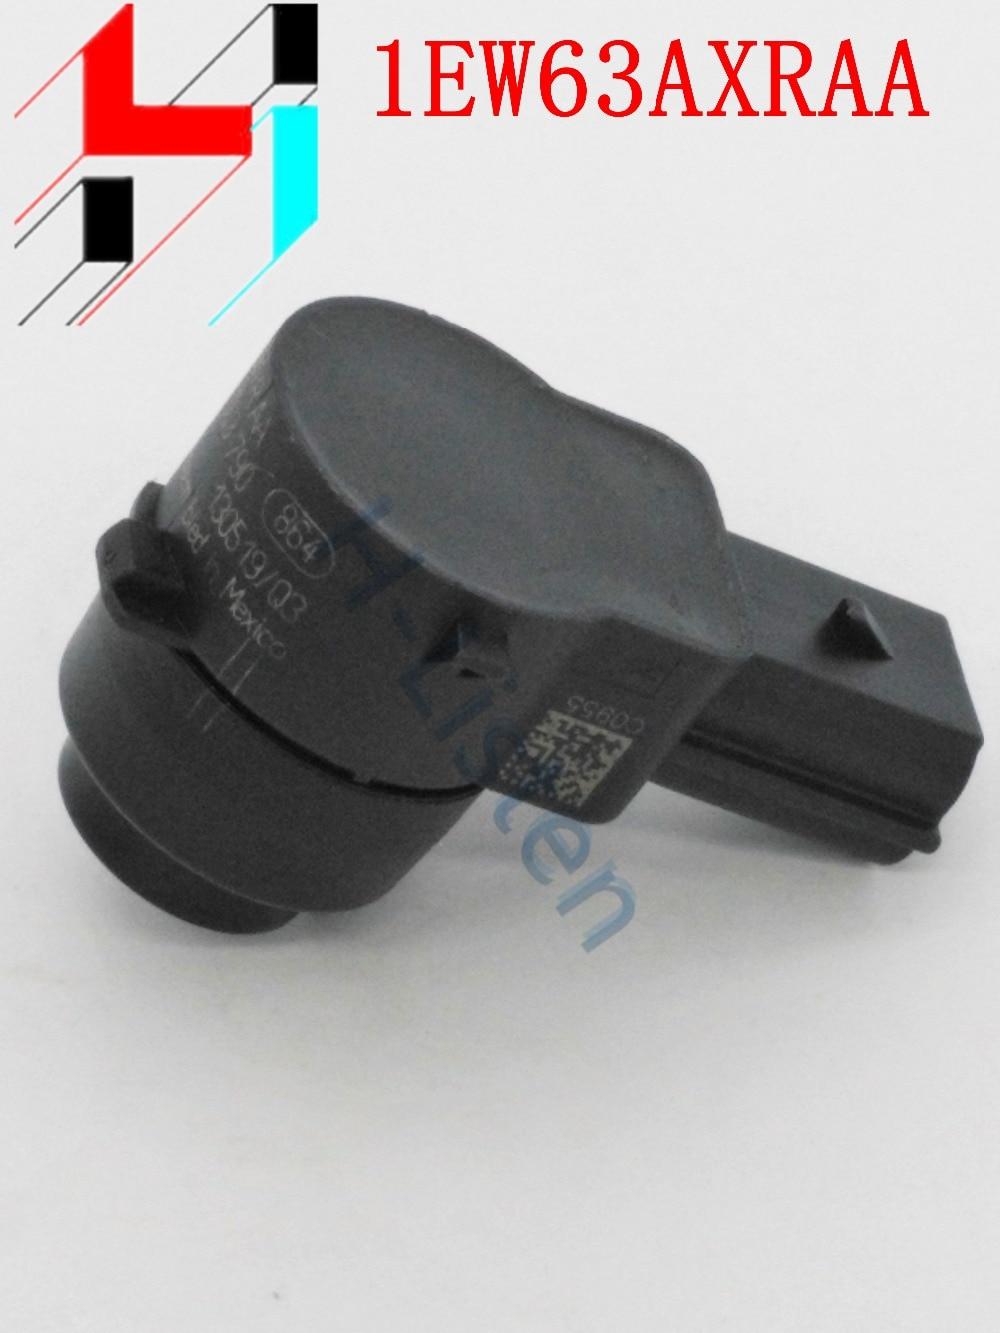 [해외]1EW63AXRAA 0263003790 PDC 주차 거리 제어 보조 센서 ForRam 1500 2500 3500 300 C 1EW63AXR/1EW63AXRAA 0263003790 PDC Parking Distance Control Aid Sensor ForRam